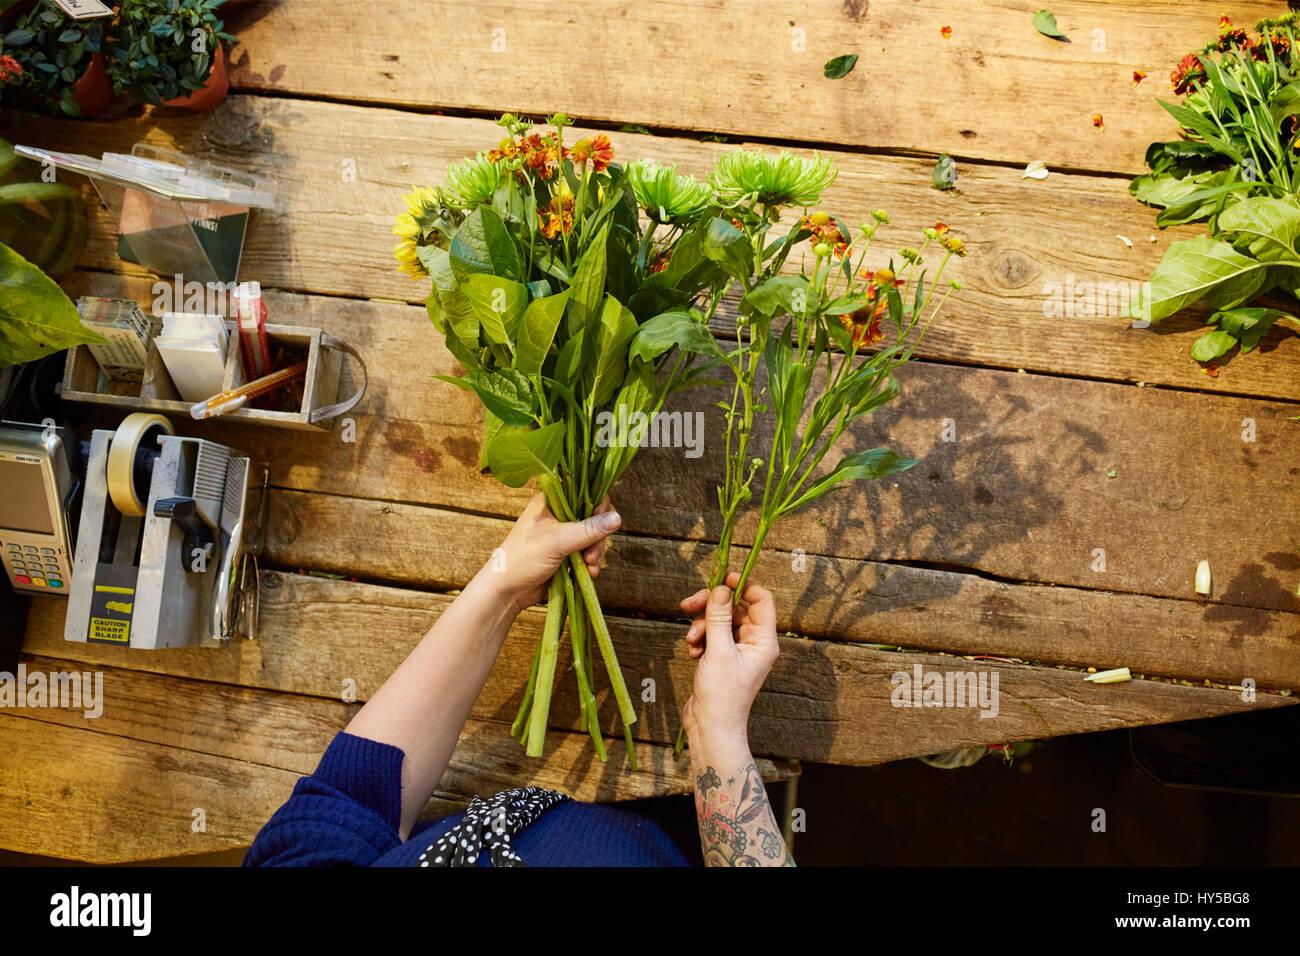 La Suède, un fleuriste travaillant dans le magasin de fleurs Photo Stock